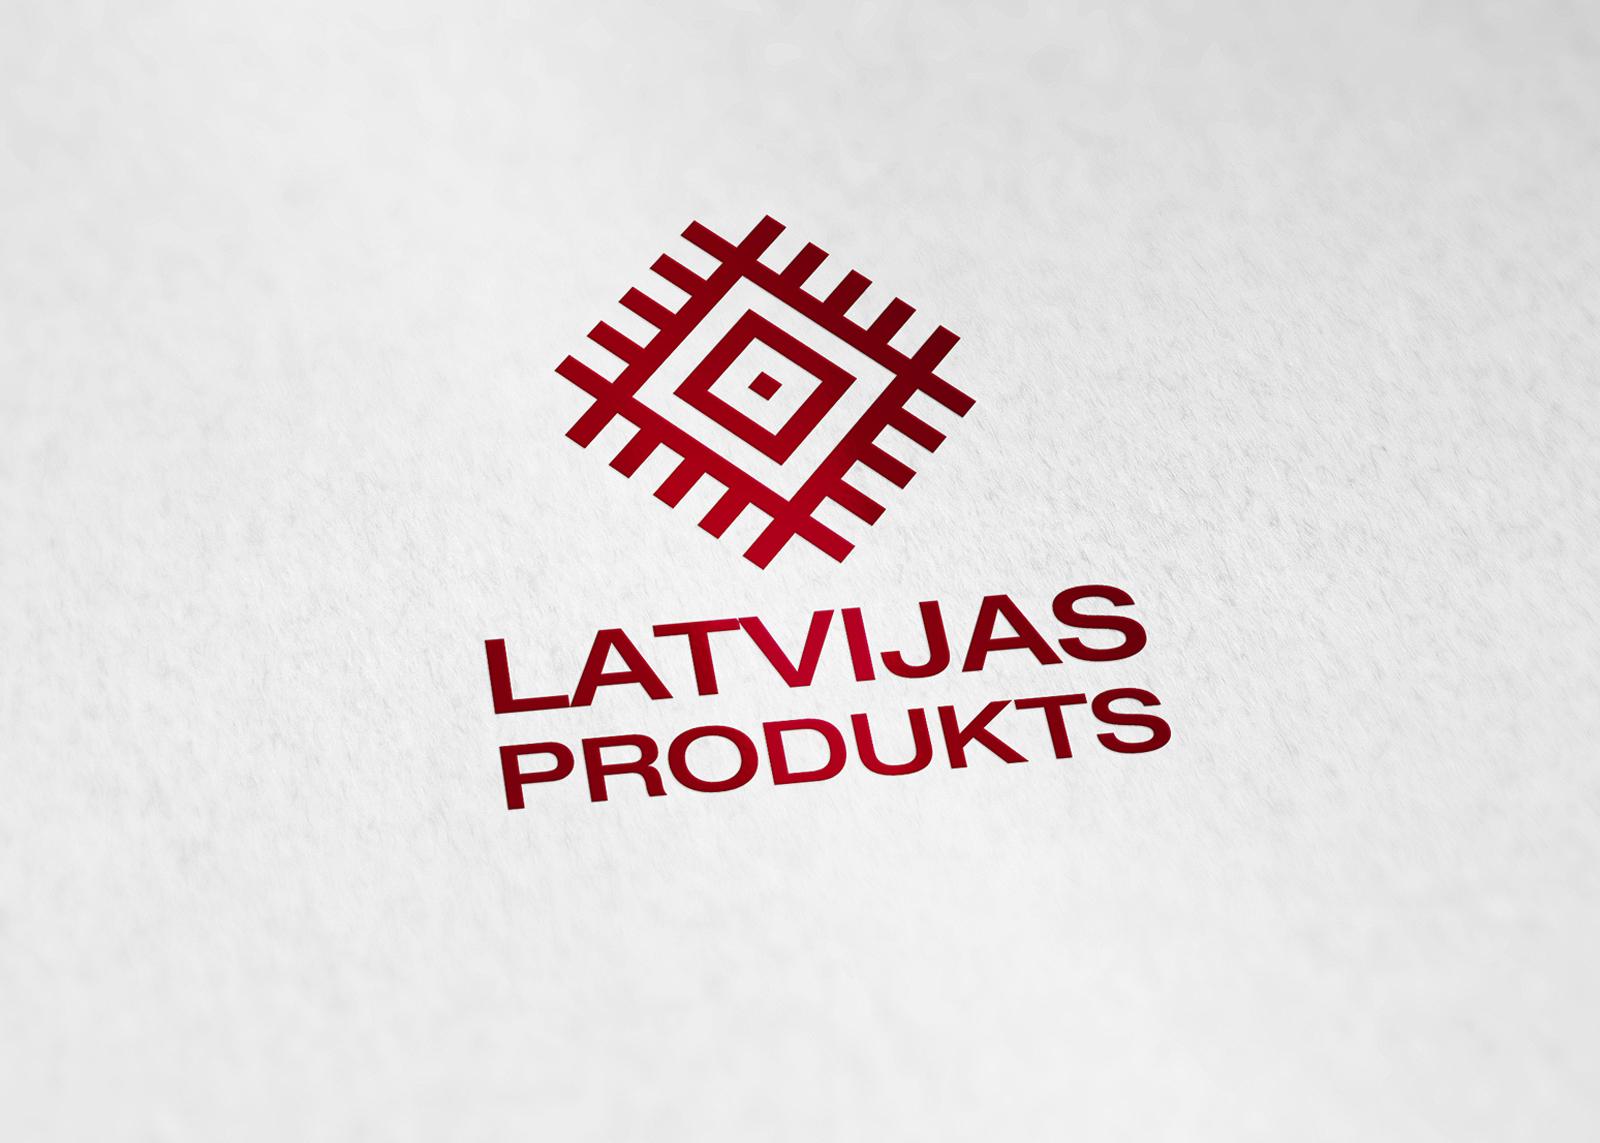 latvijas produkts